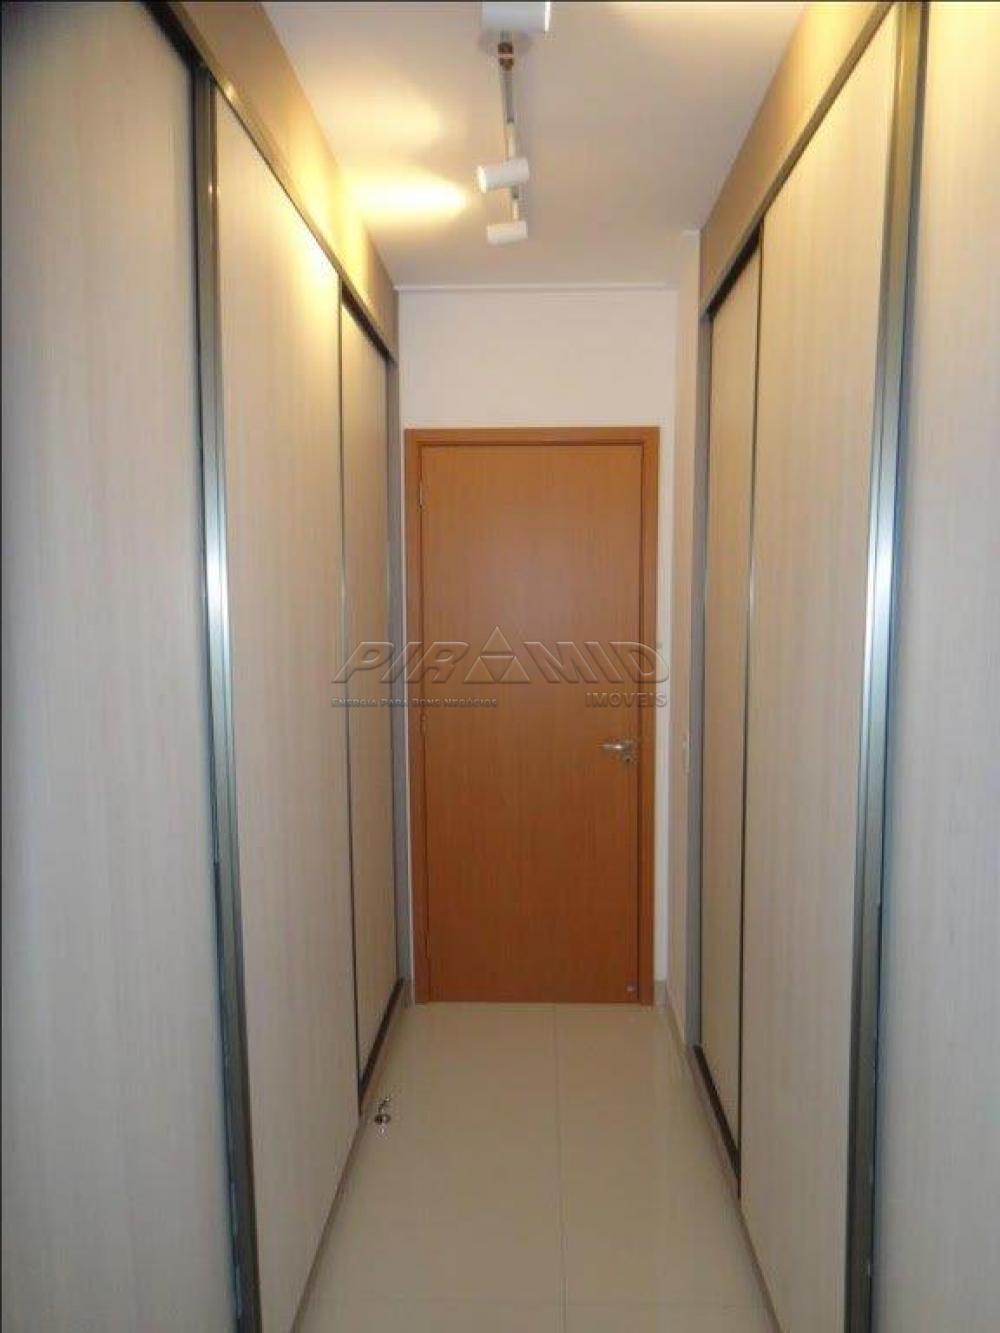 Alugar Apartamento / Padrão em Ribeirão Preto apenas R$ 4.000,00 - Foto 10